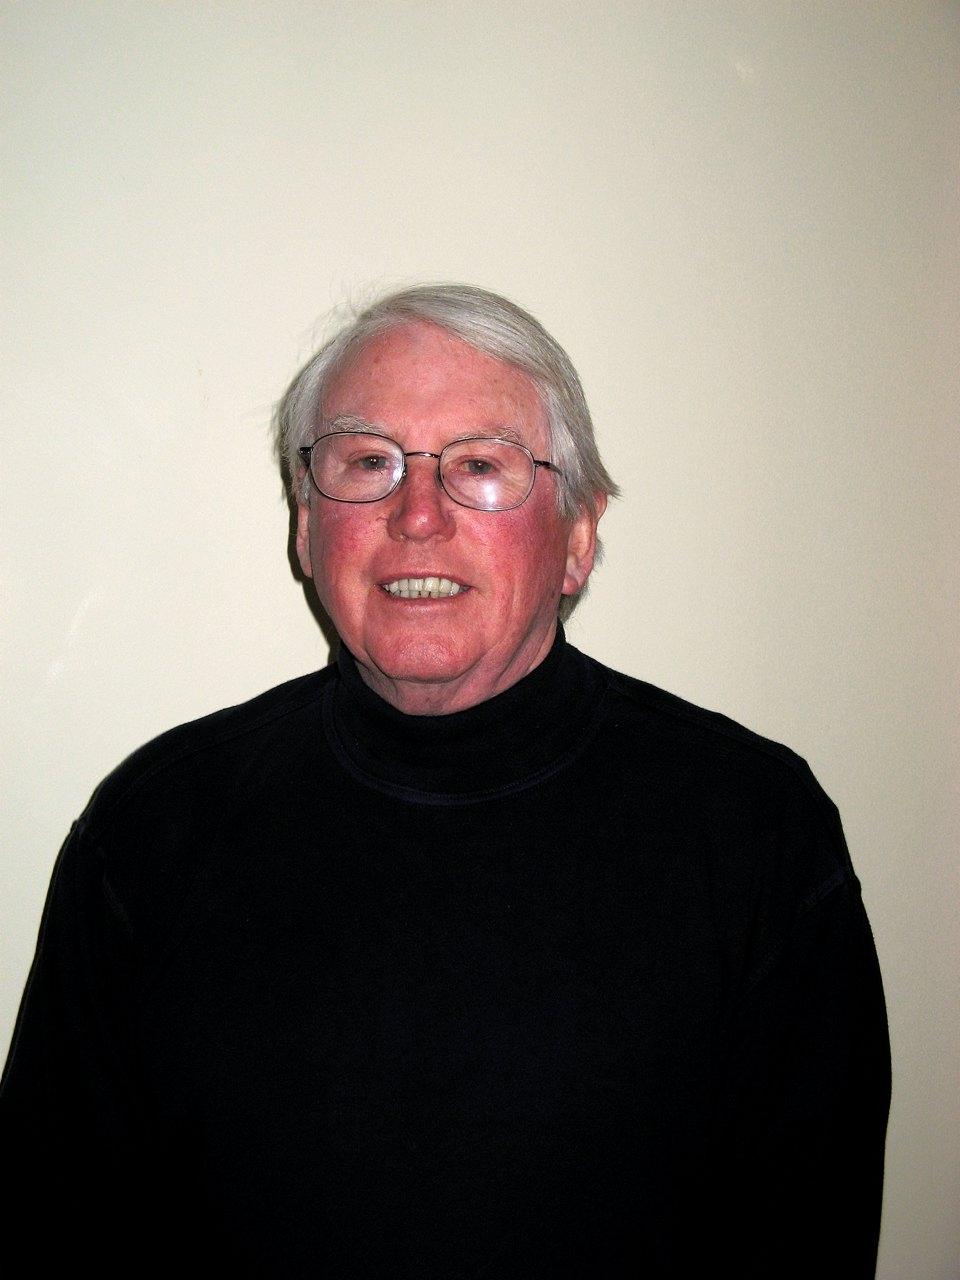 Derek McAdam